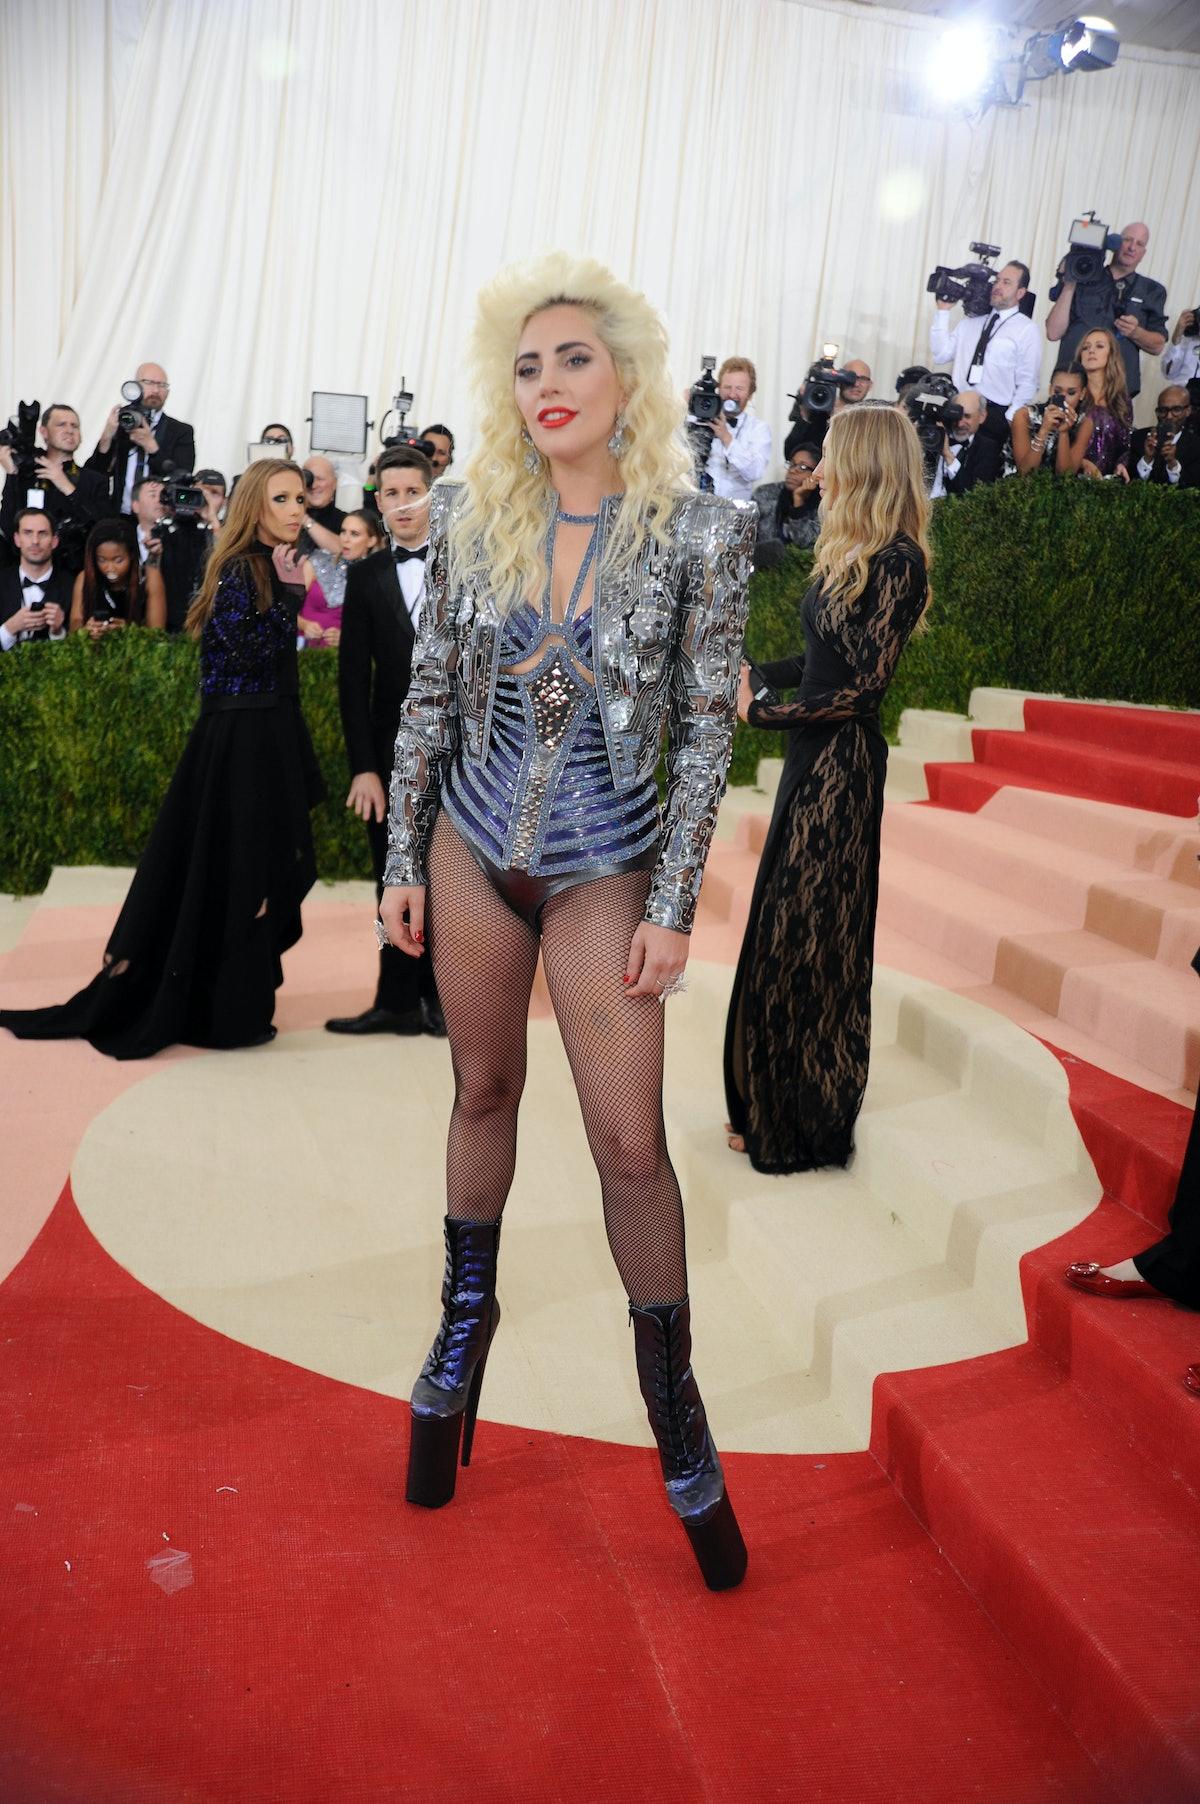 NEW YORK, NY - MAY 02:  Lady Gaga at Metropolitan Museum of Art on May 2, 2016 in New York City. (Ph...